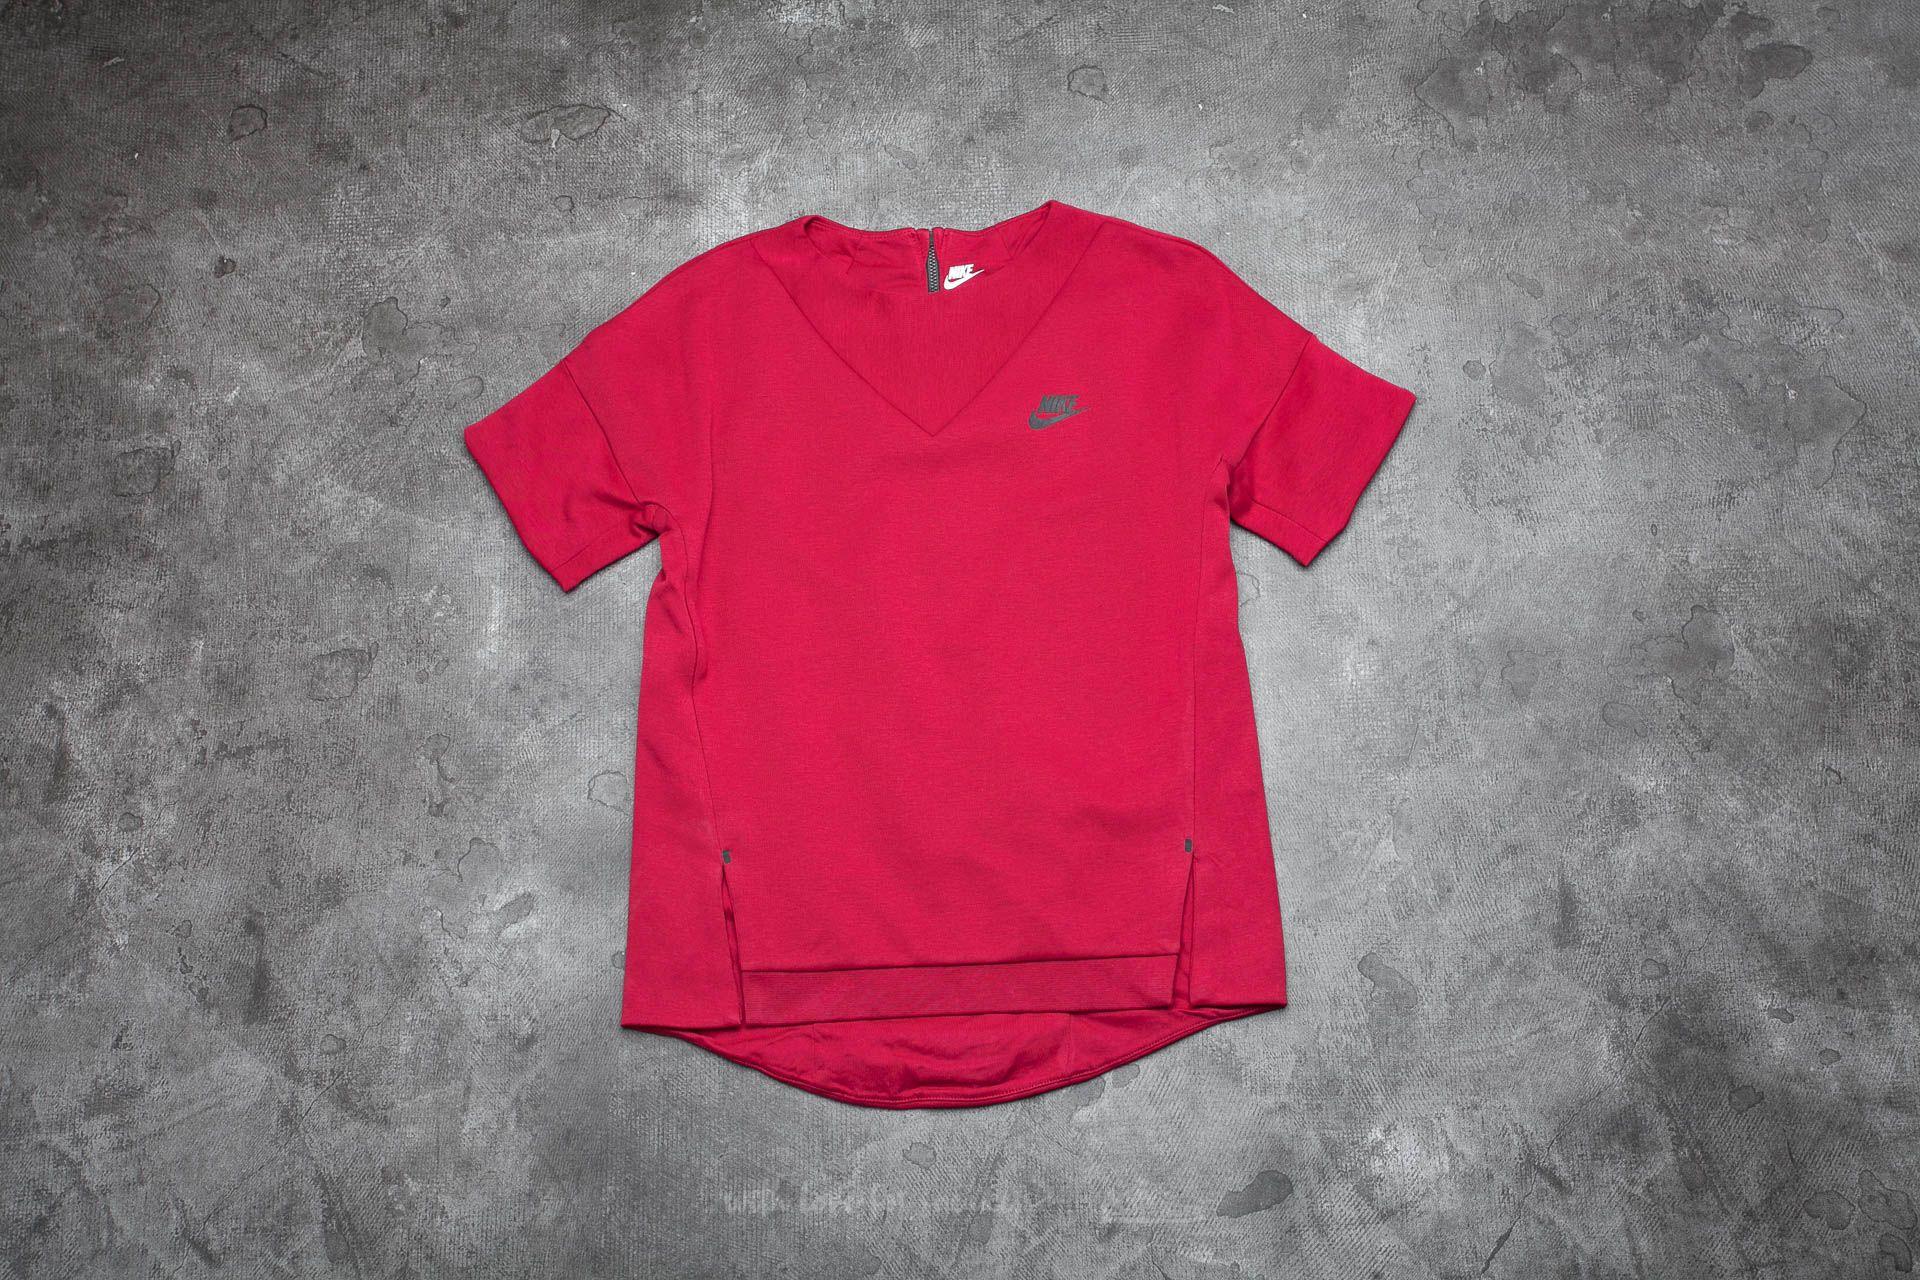 fc06c7533ec2 Nike Sportswear Tech Fleece Women s Crew Noble Red  Noble Red  Black